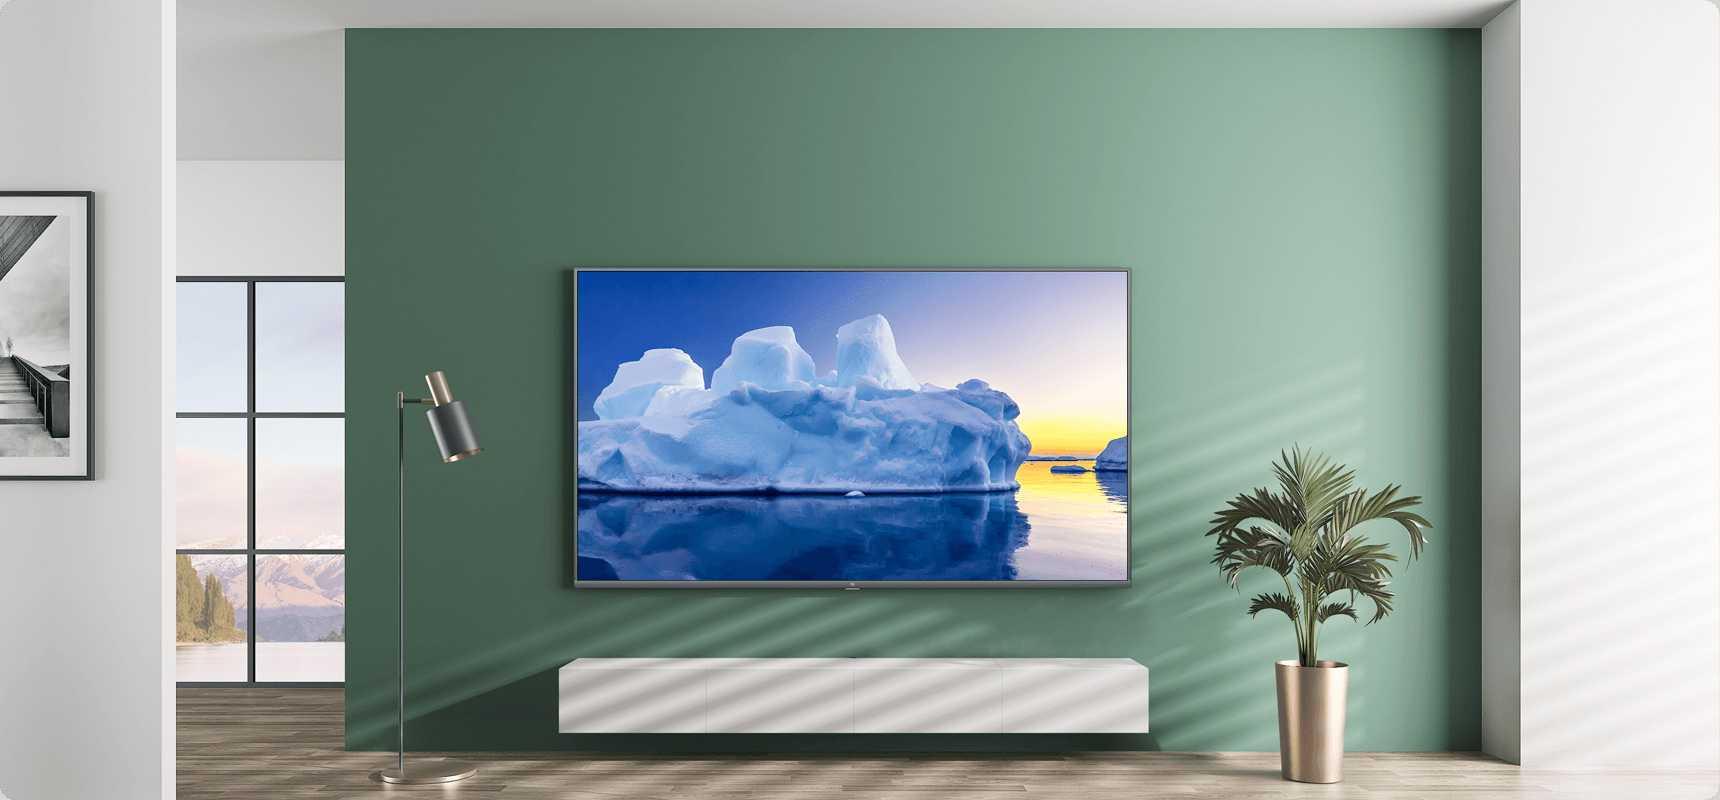 Компания Xiaomi показала на территории Индии новую линейку бюджетных смарт-телевизоров которые уже сегодня не вызывают сомнений на предмет скорой популярности Новая